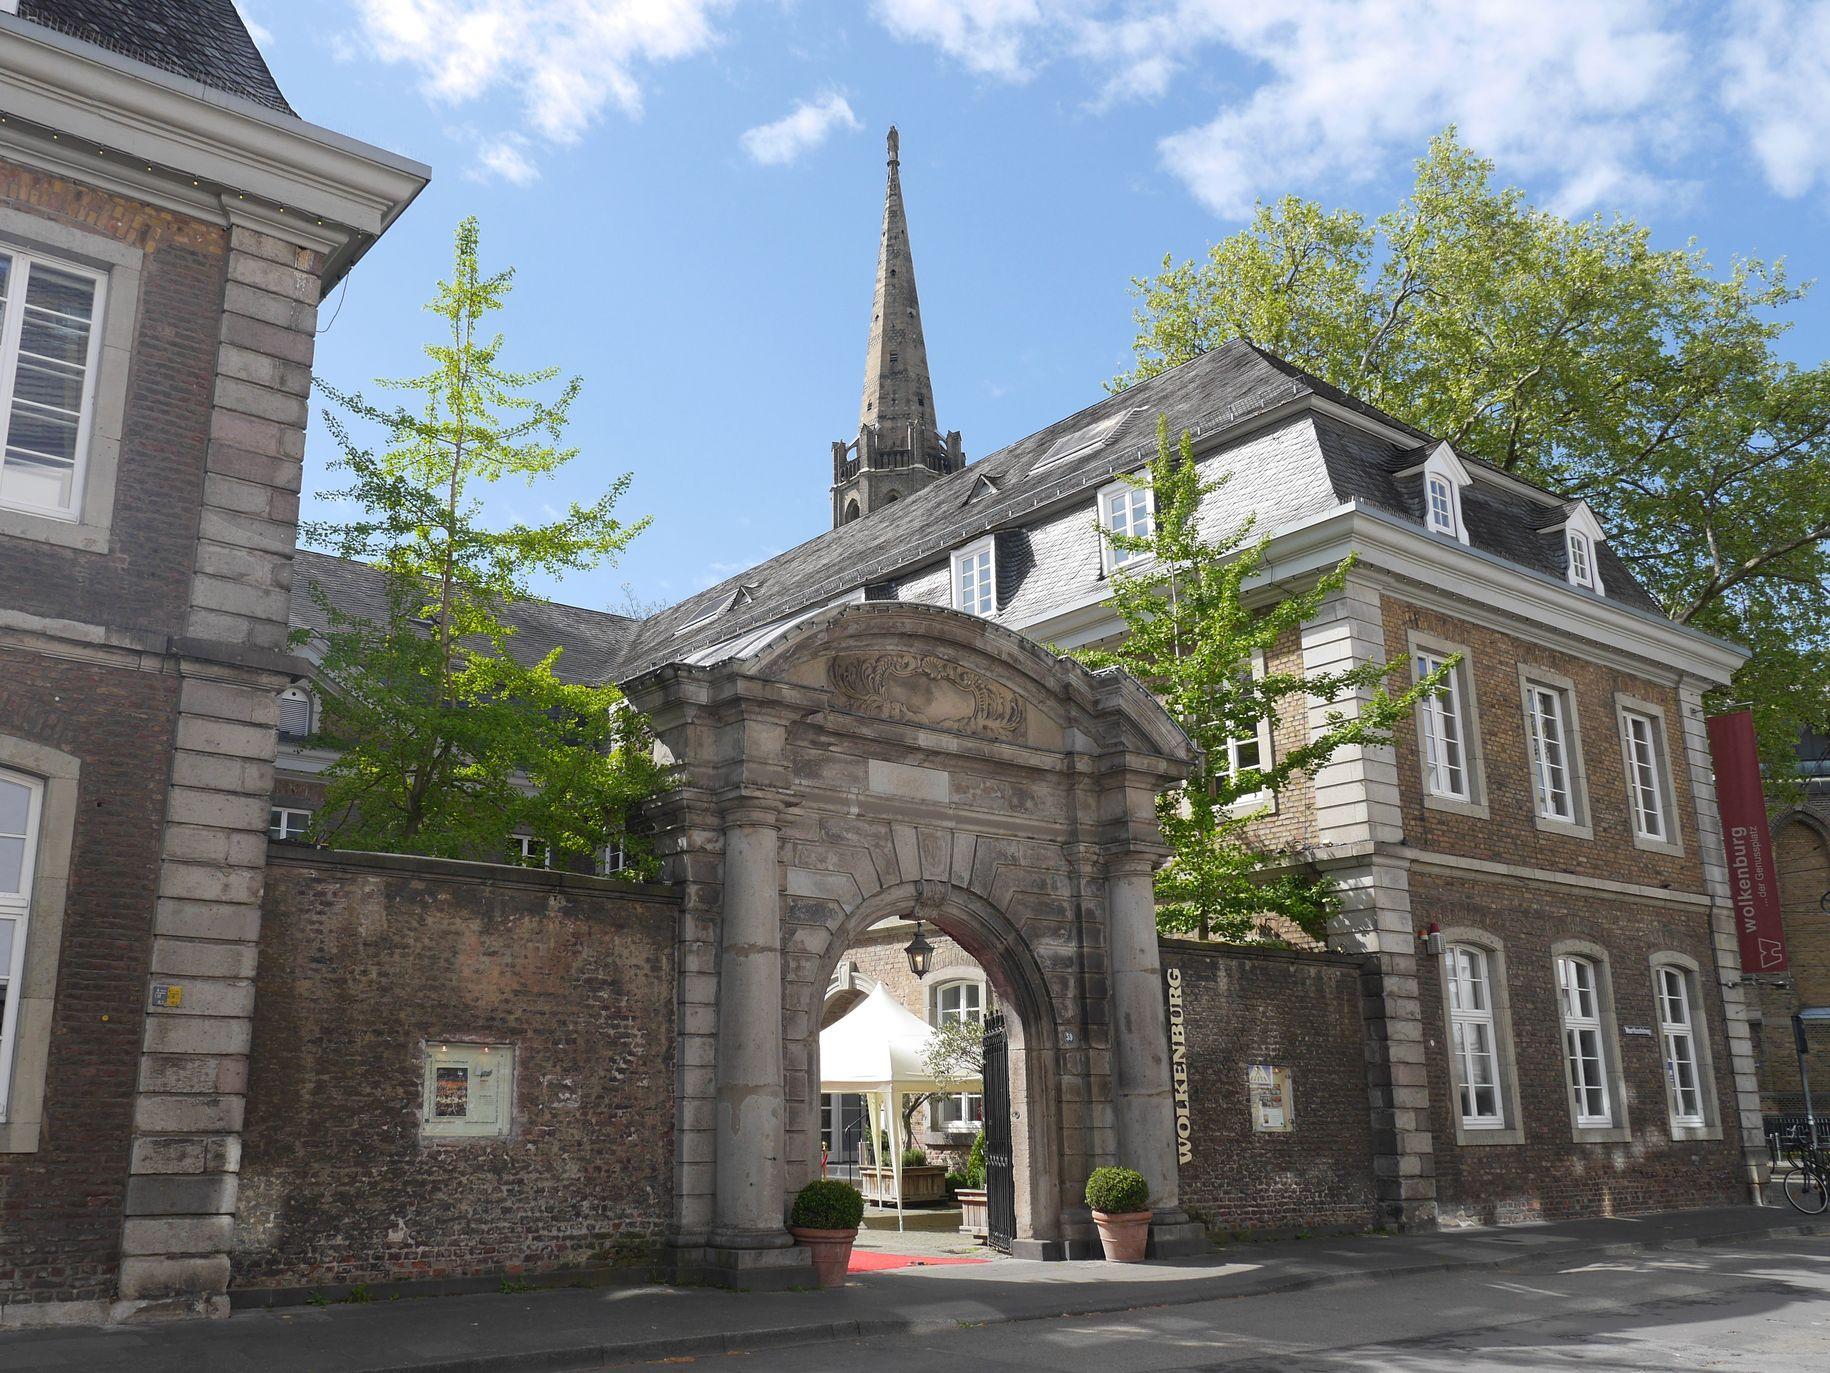 Der Jahrestreff für Treasurer & Cash Manager ging in der Wolkenburg in Köln in die 3. Runde.